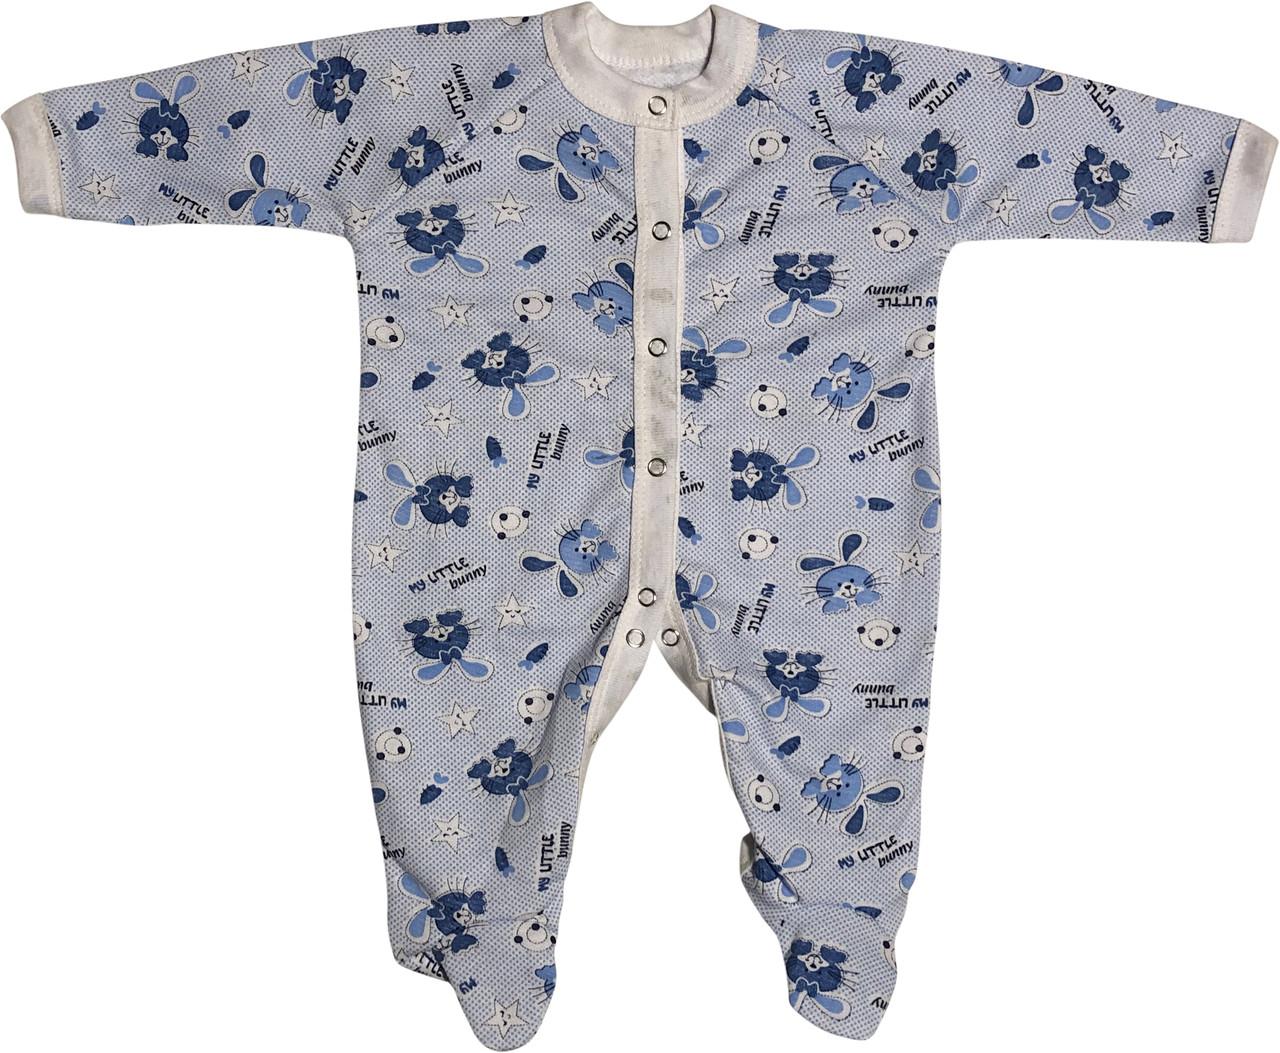 Тёплый человечек слип с начёсом на мальчика рост 56 0-2 мес для новорожденных хлопковый футер детский голубой